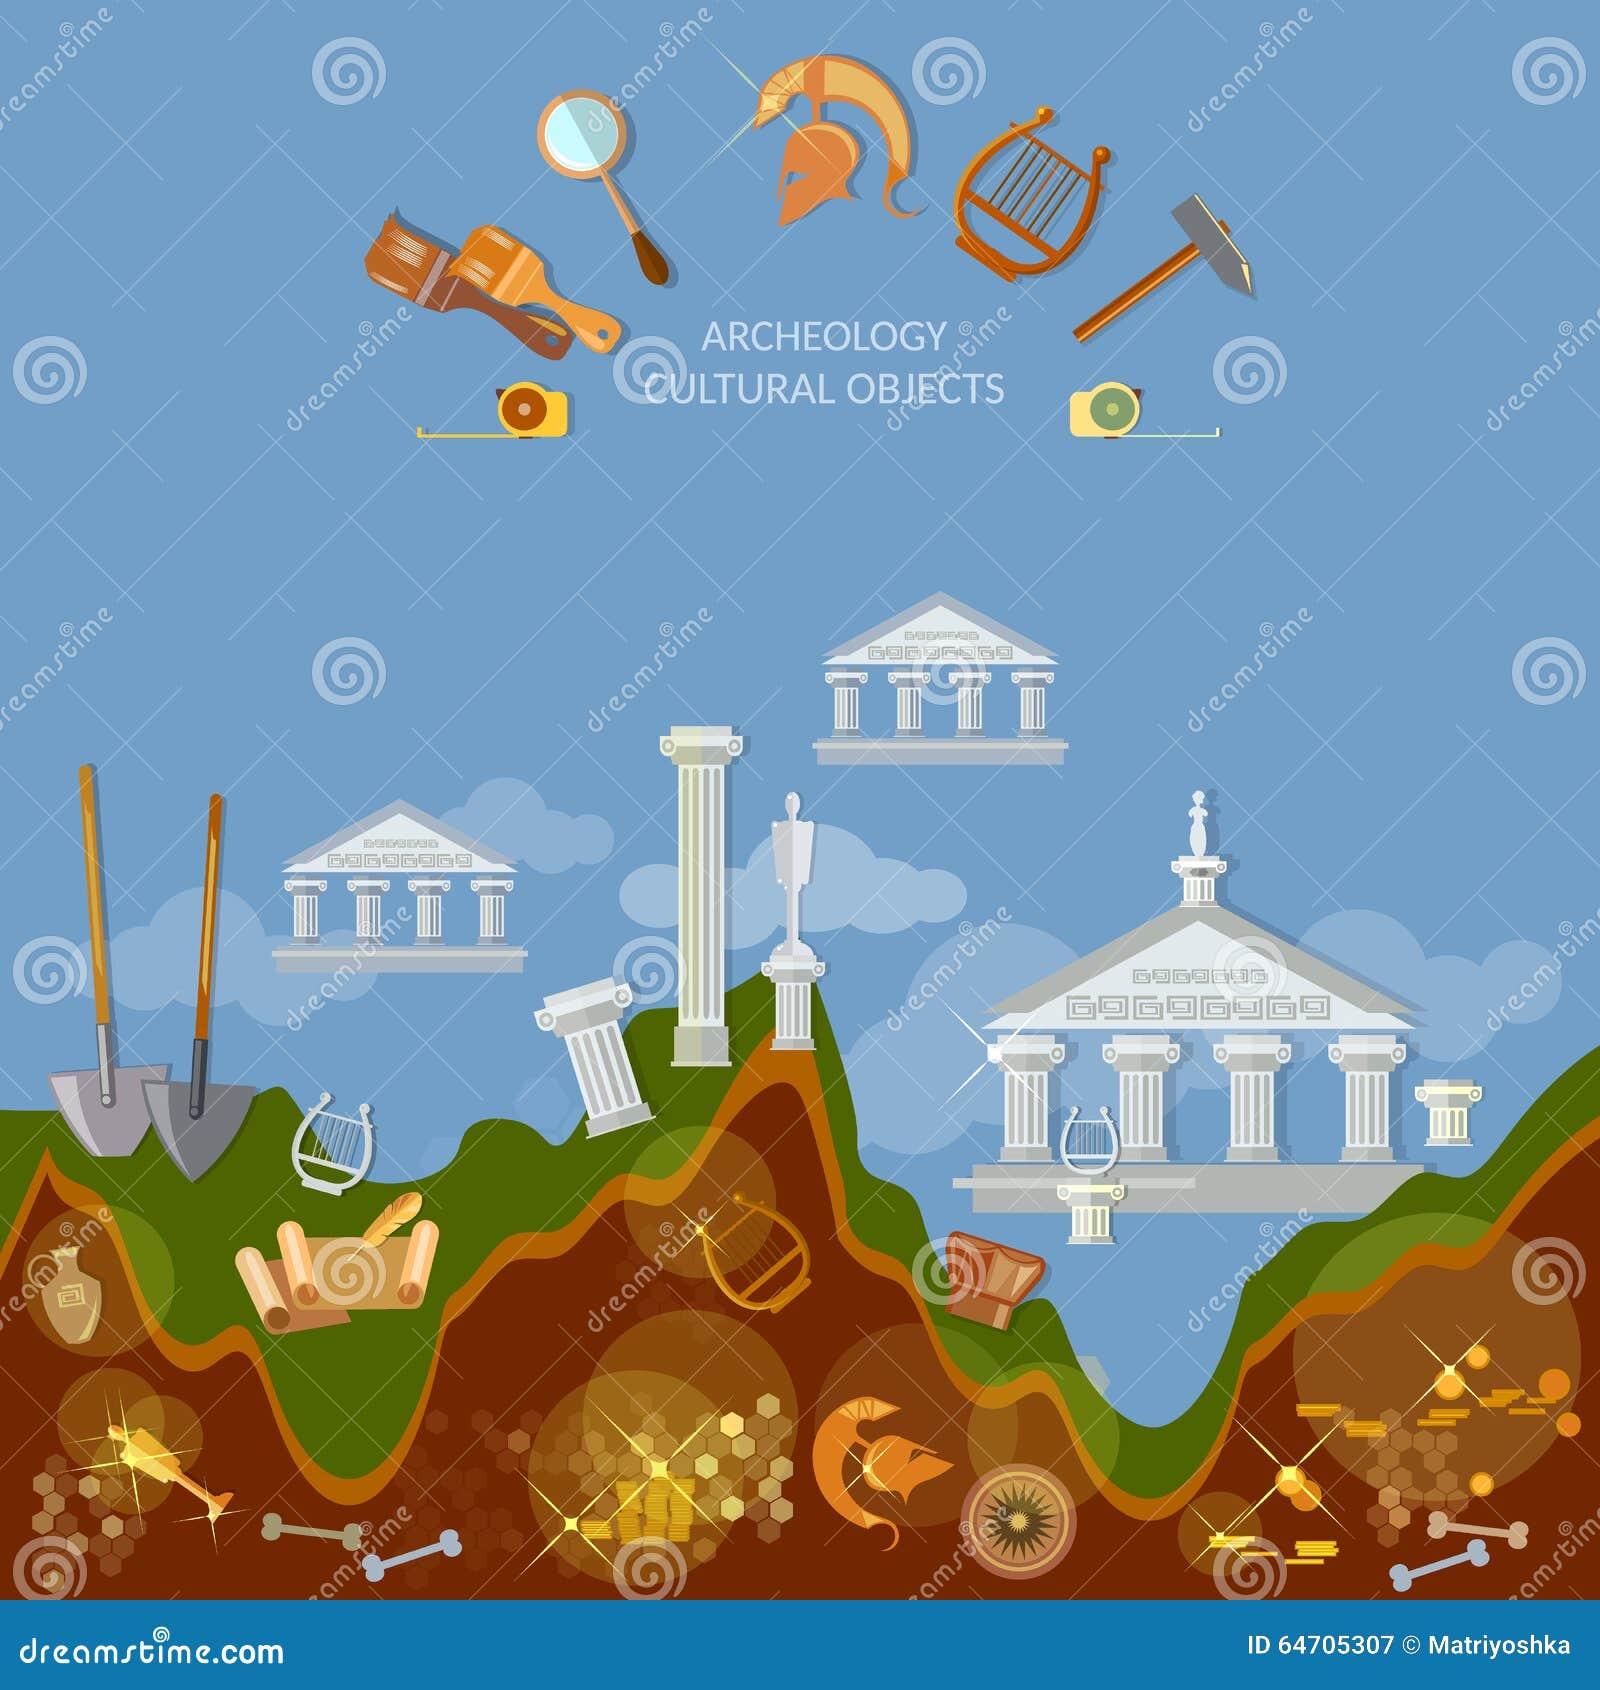 Цивилизации сокровищ раскопок археологии объекты старой культурные